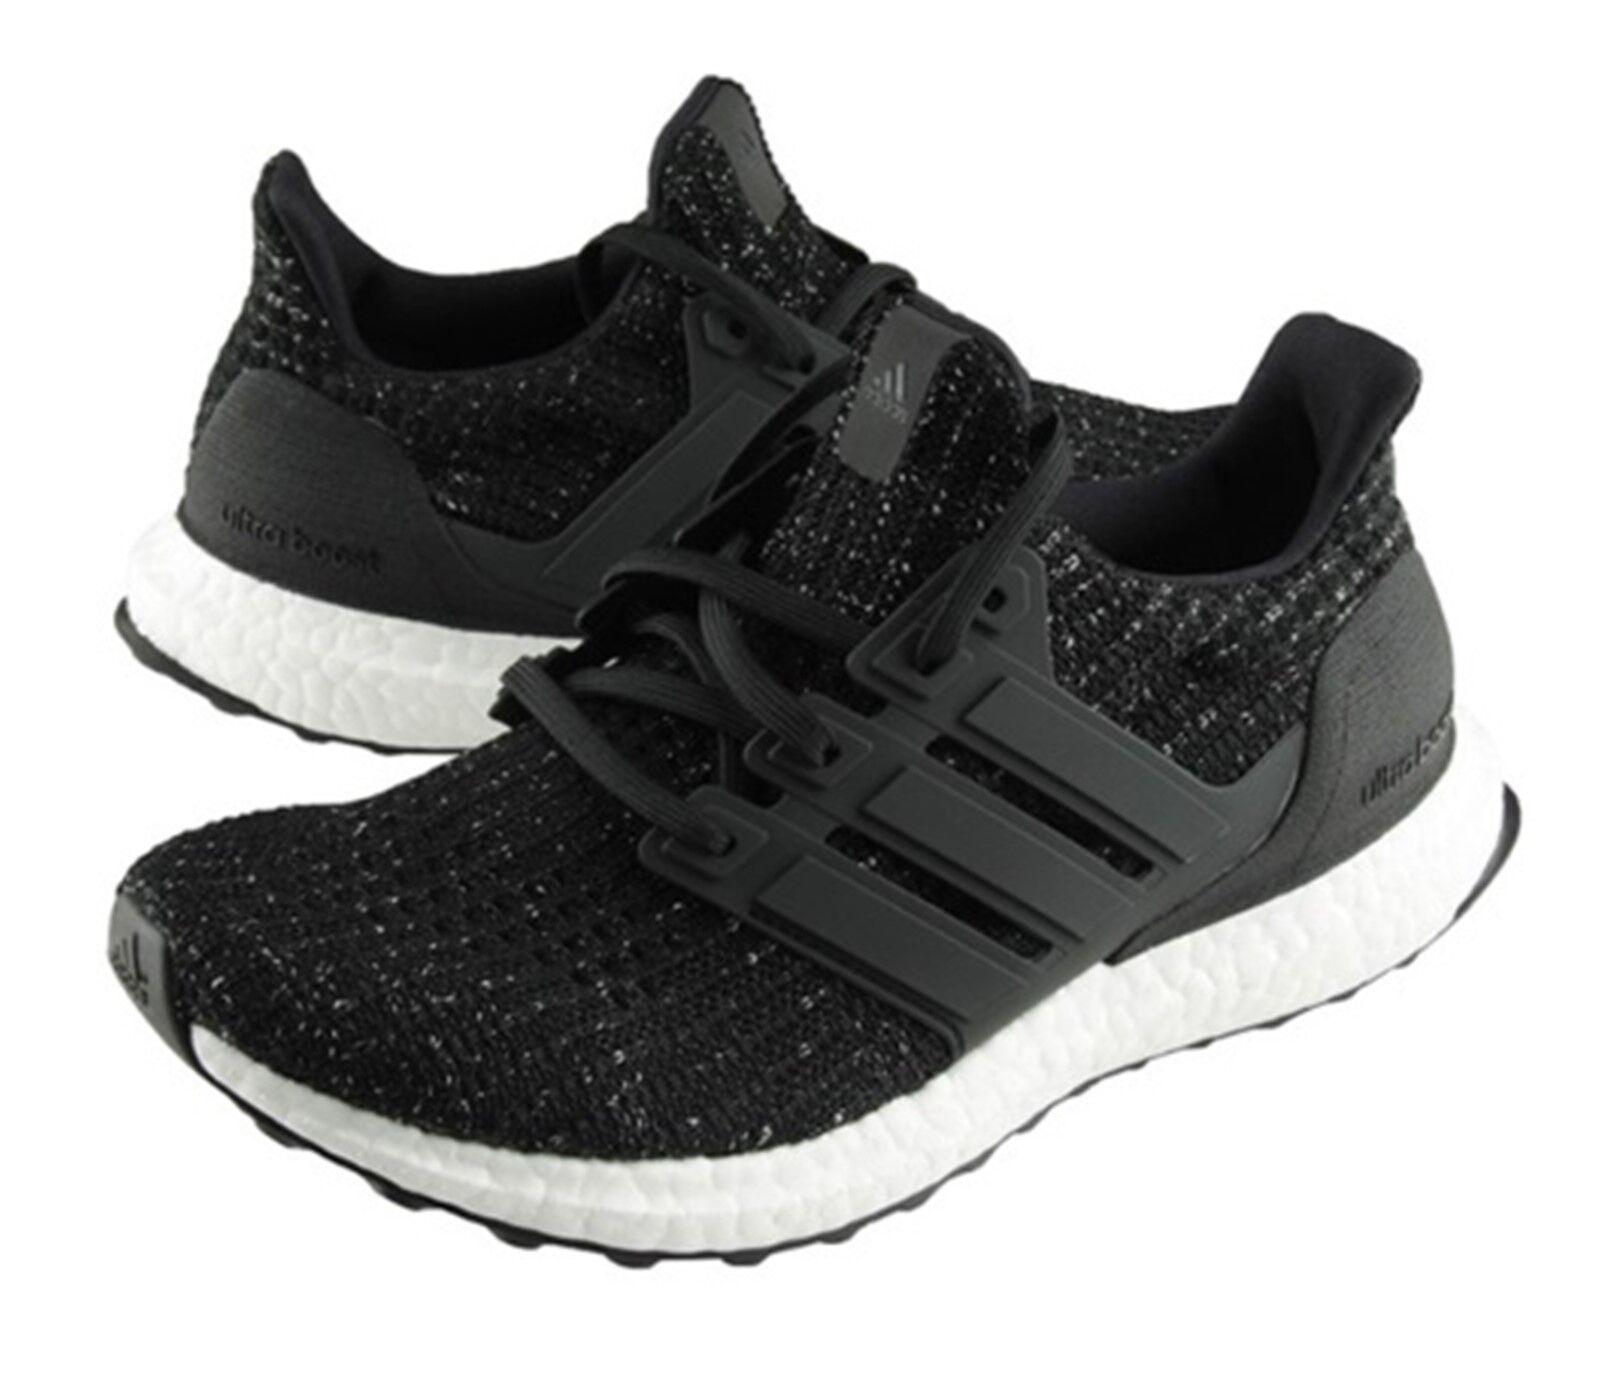 Adidas Zapatos de entrenamiento Mujeres De Ultra-Boost Correr Gimnasio Zapatillas Zapato Negro F36125